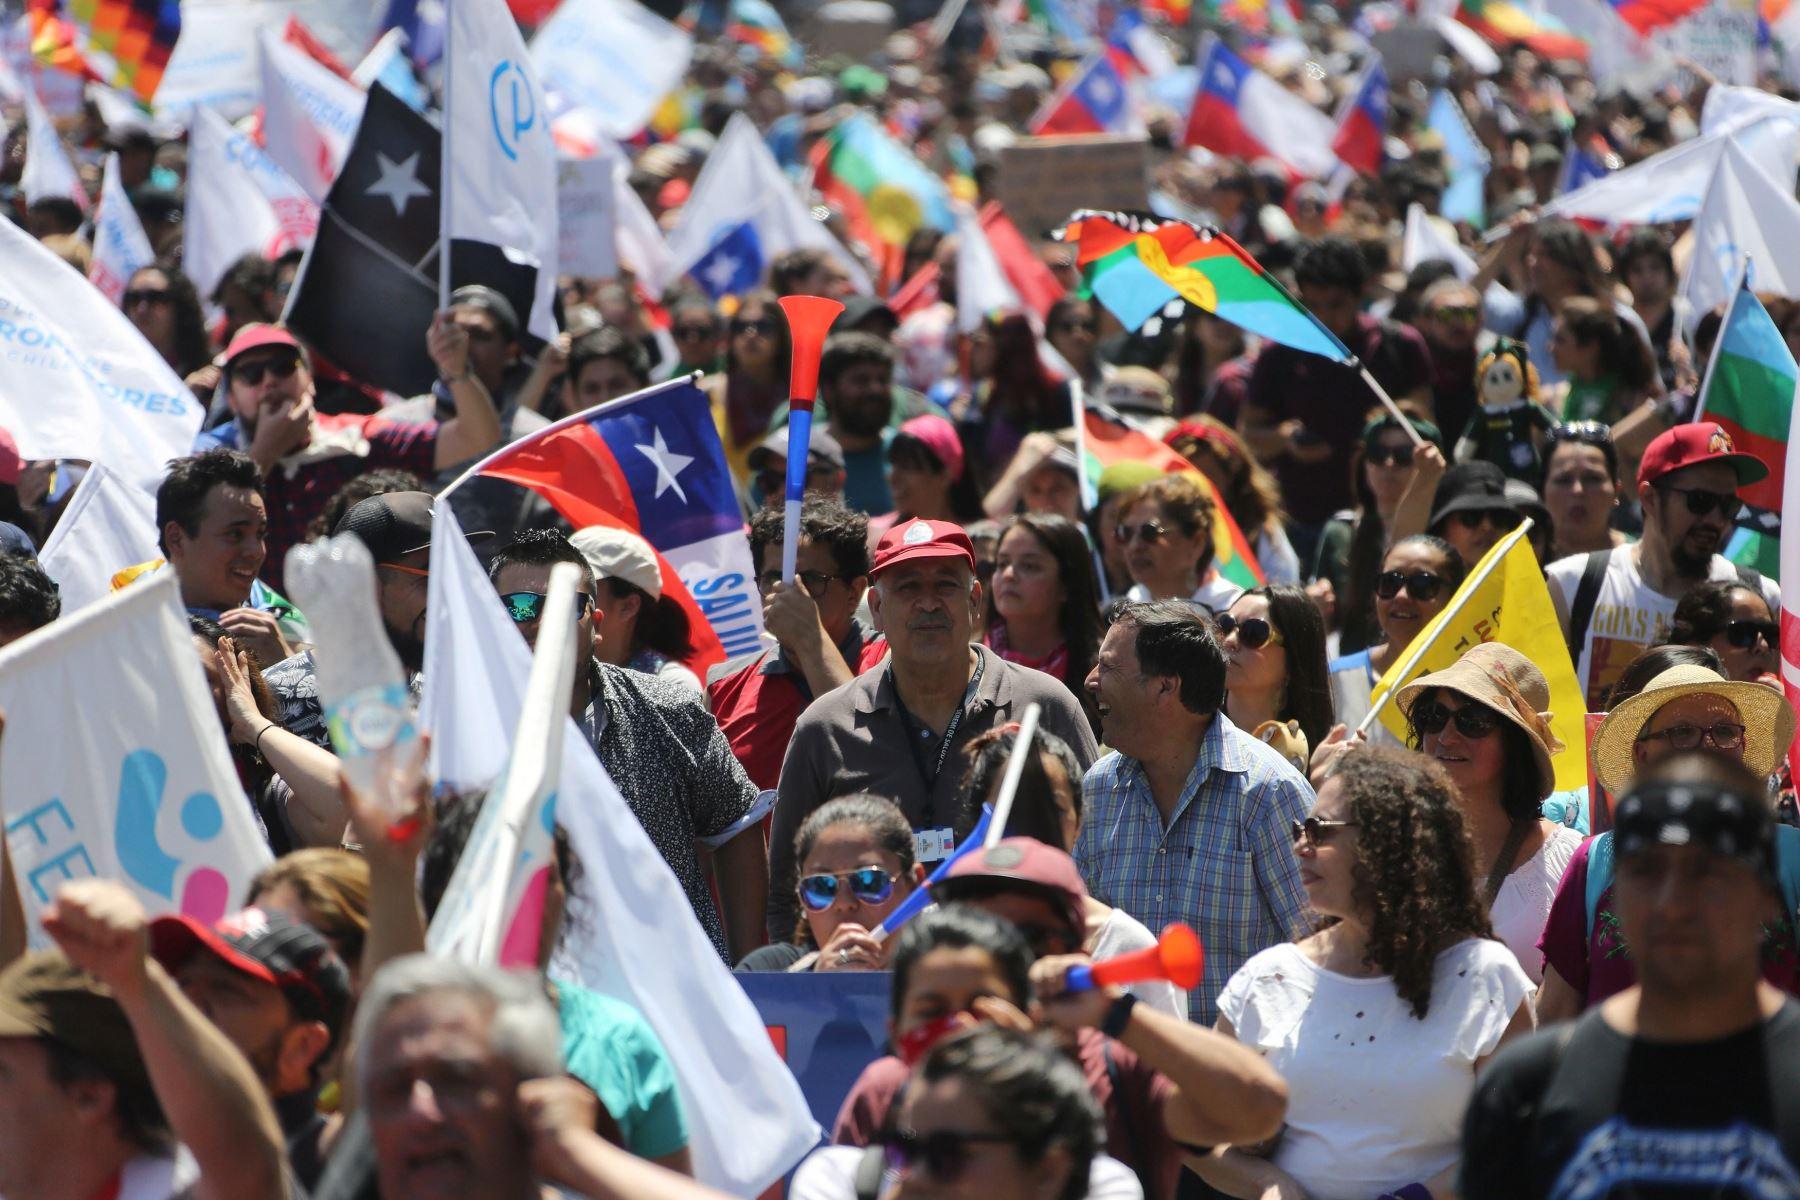 Manifestantes participan en una marcha, durante otra jornada de protestas en Santiago de Chile. Foto: EFE